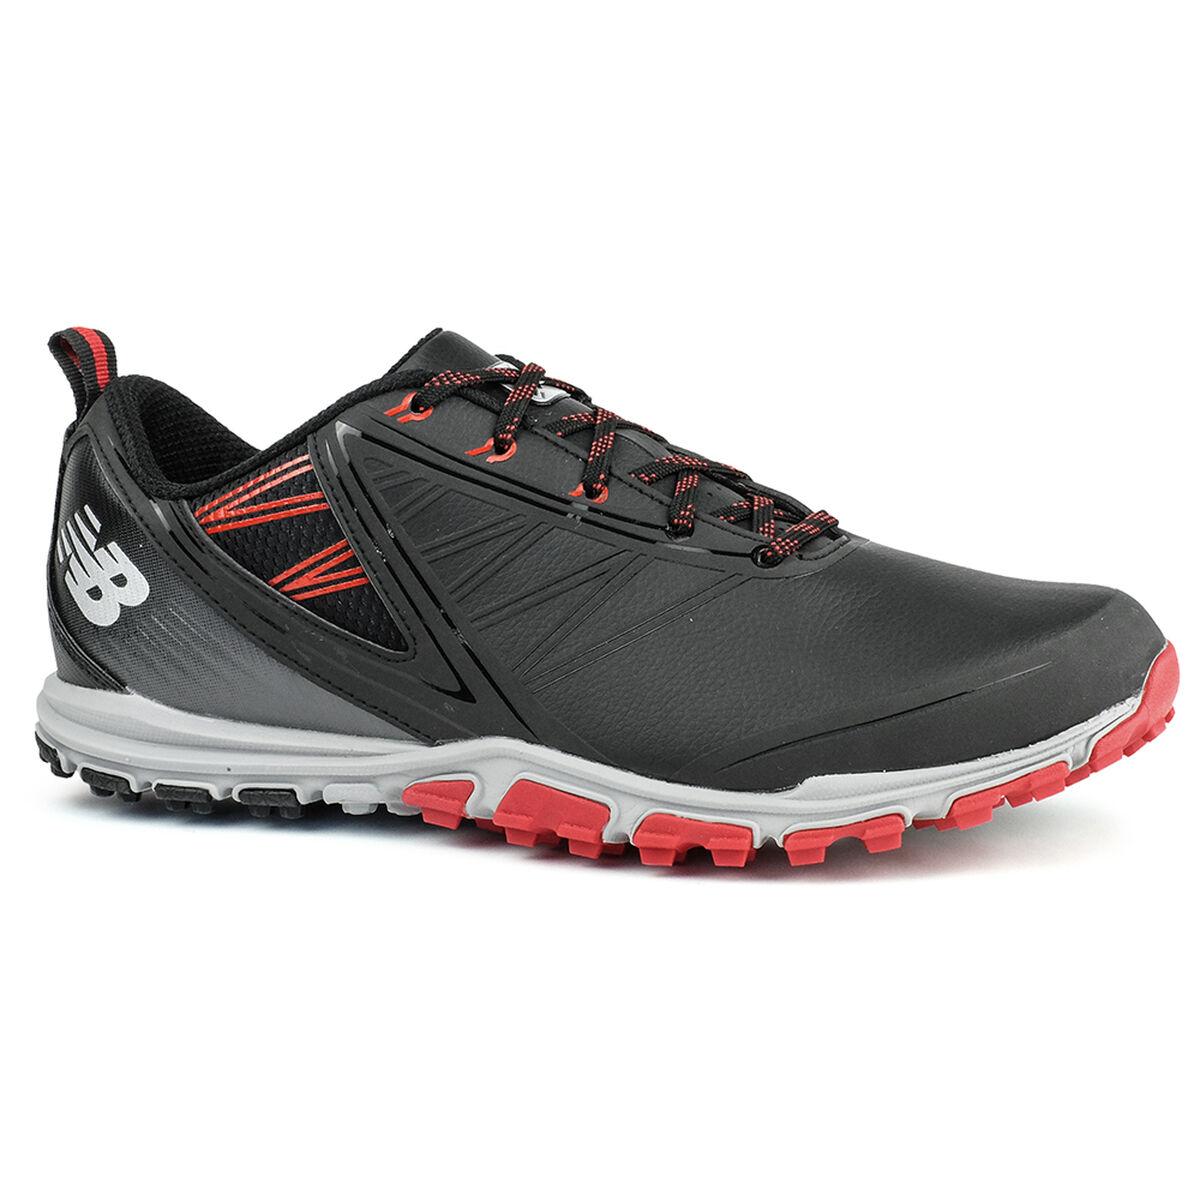 d32da2f4b0d0a New Balance Minimus SL Men's Golf Shoe - Black/Red | PGA TOUR Superstore